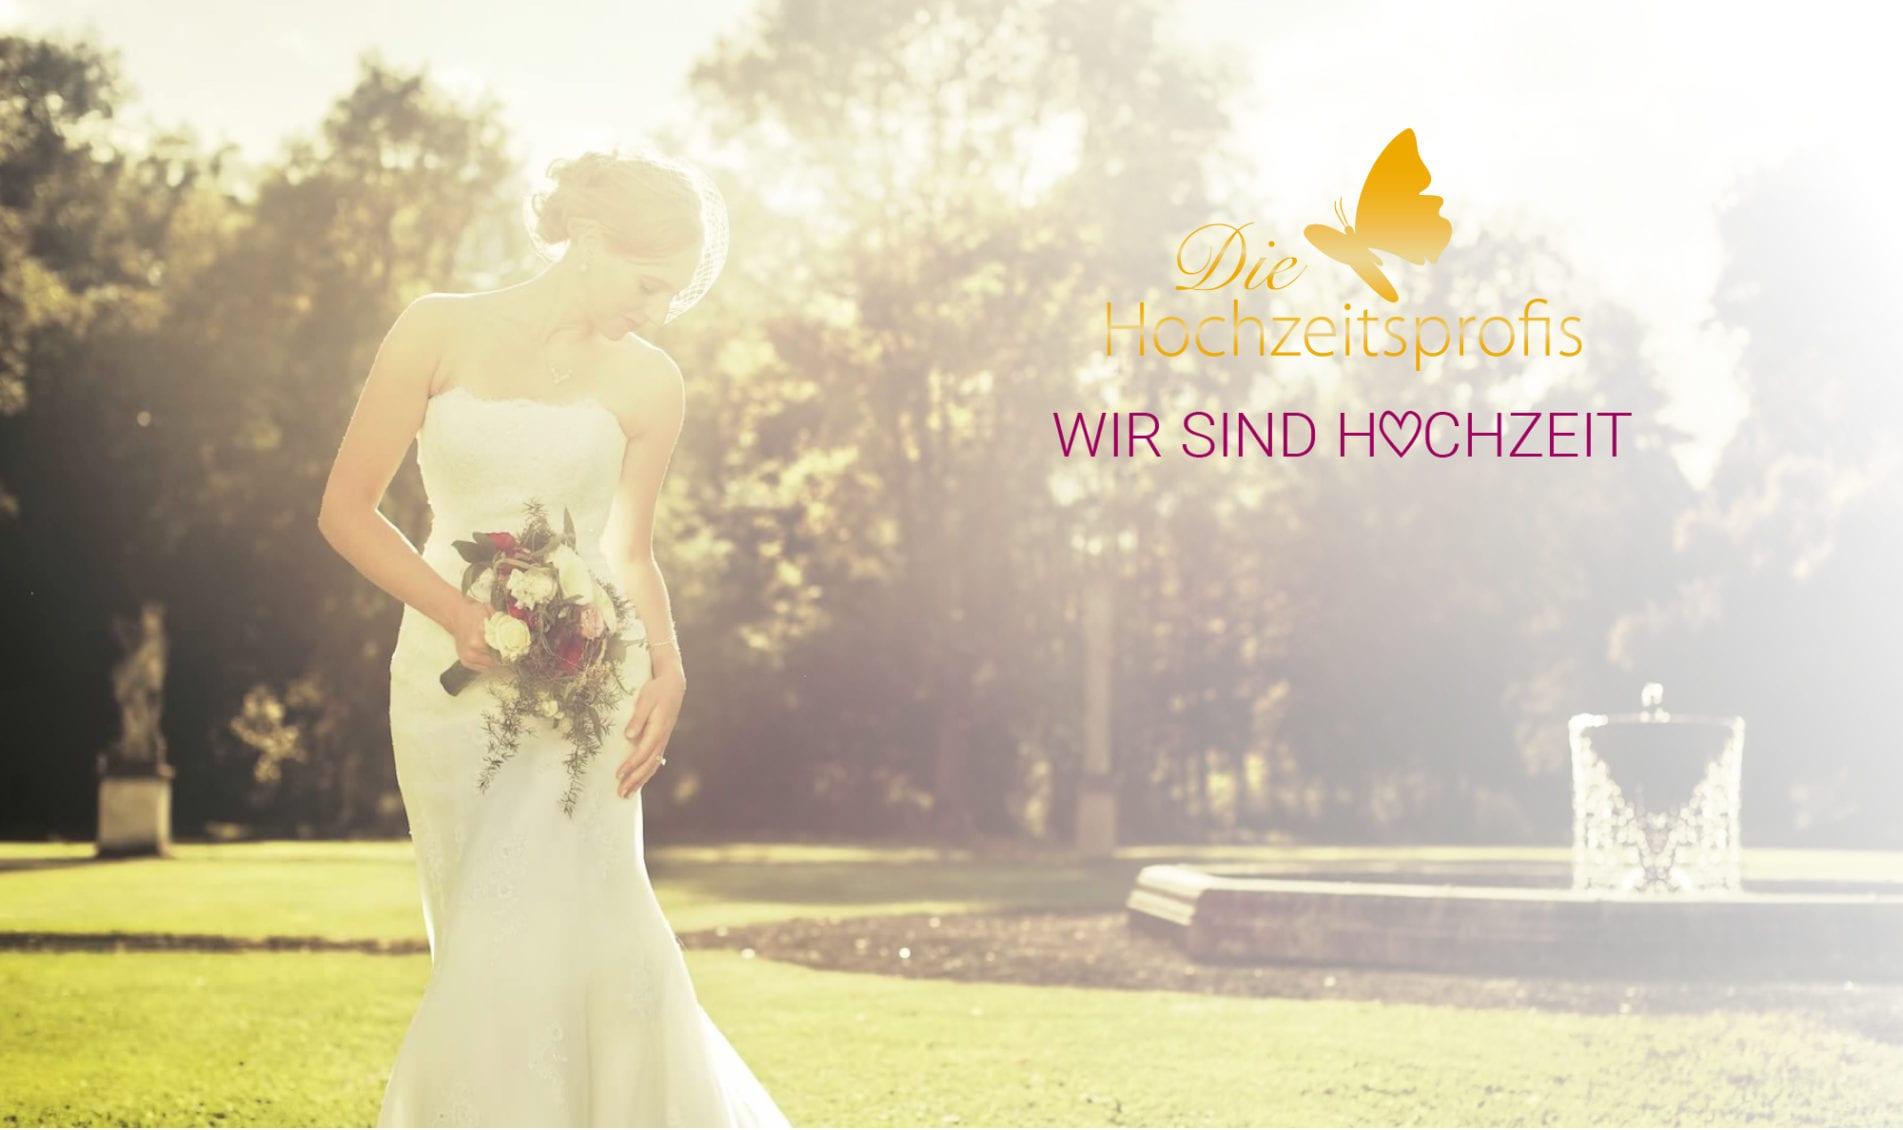 Professionelle Hochzeitsplanung